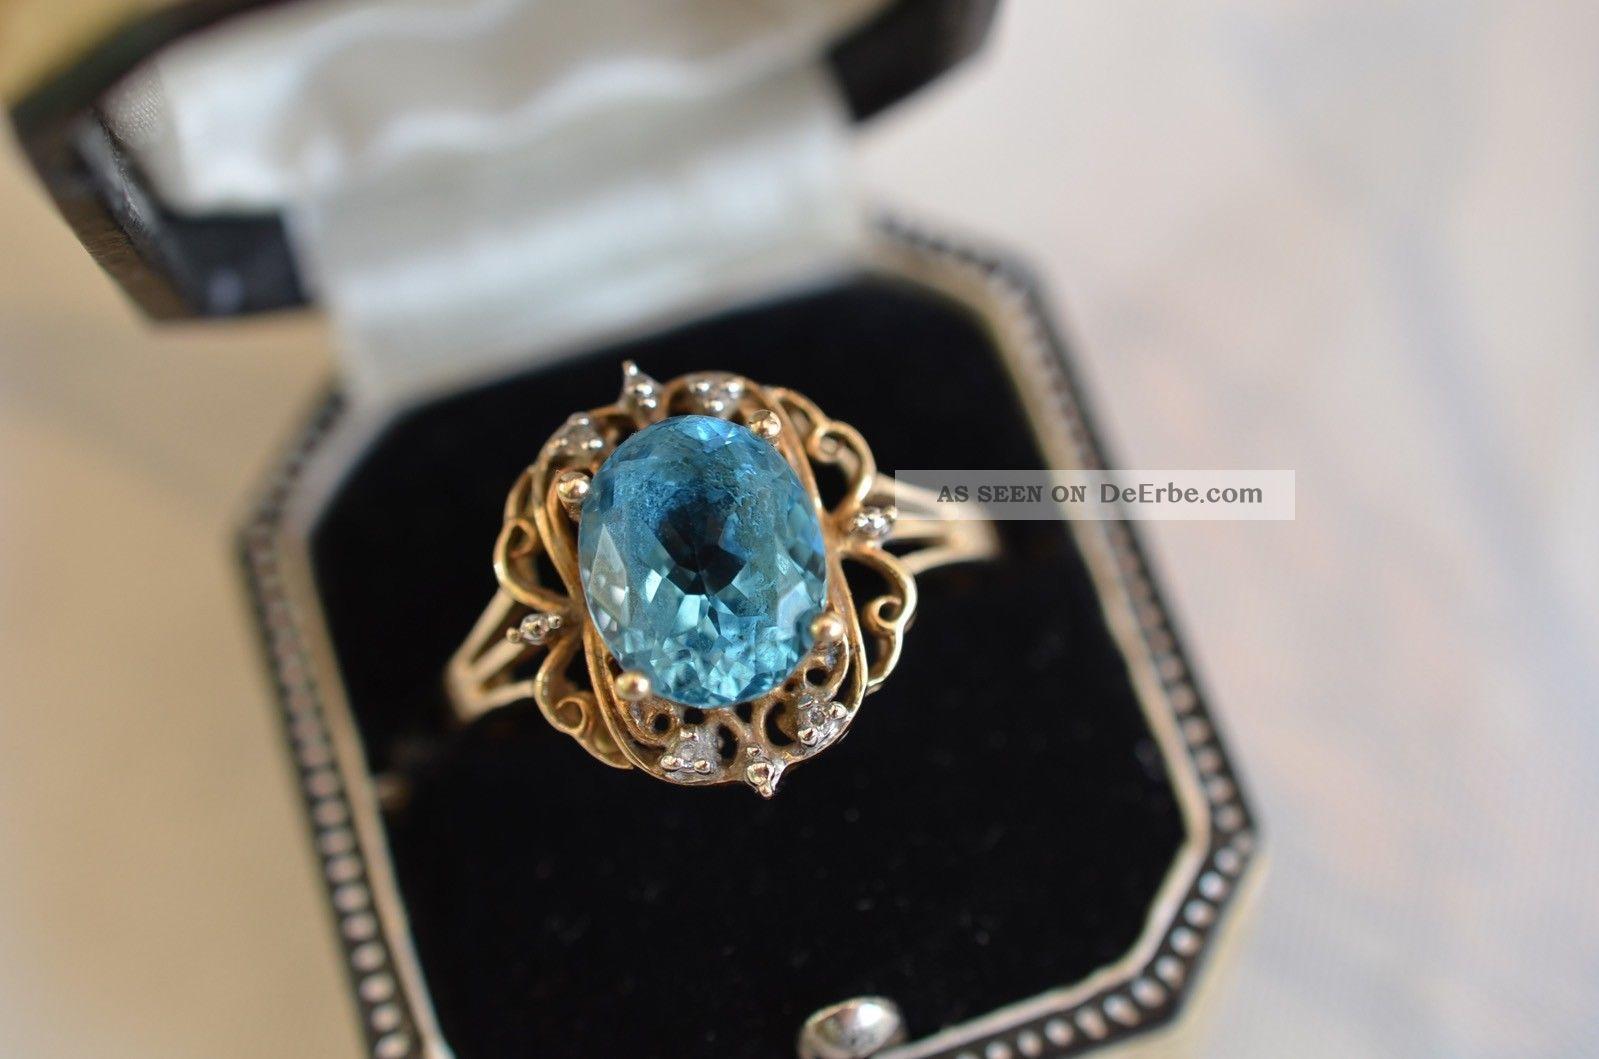 Schöner Alter Damenring Mit Stein Und Kleinen Diamanten Gold 375 Ringe Bild